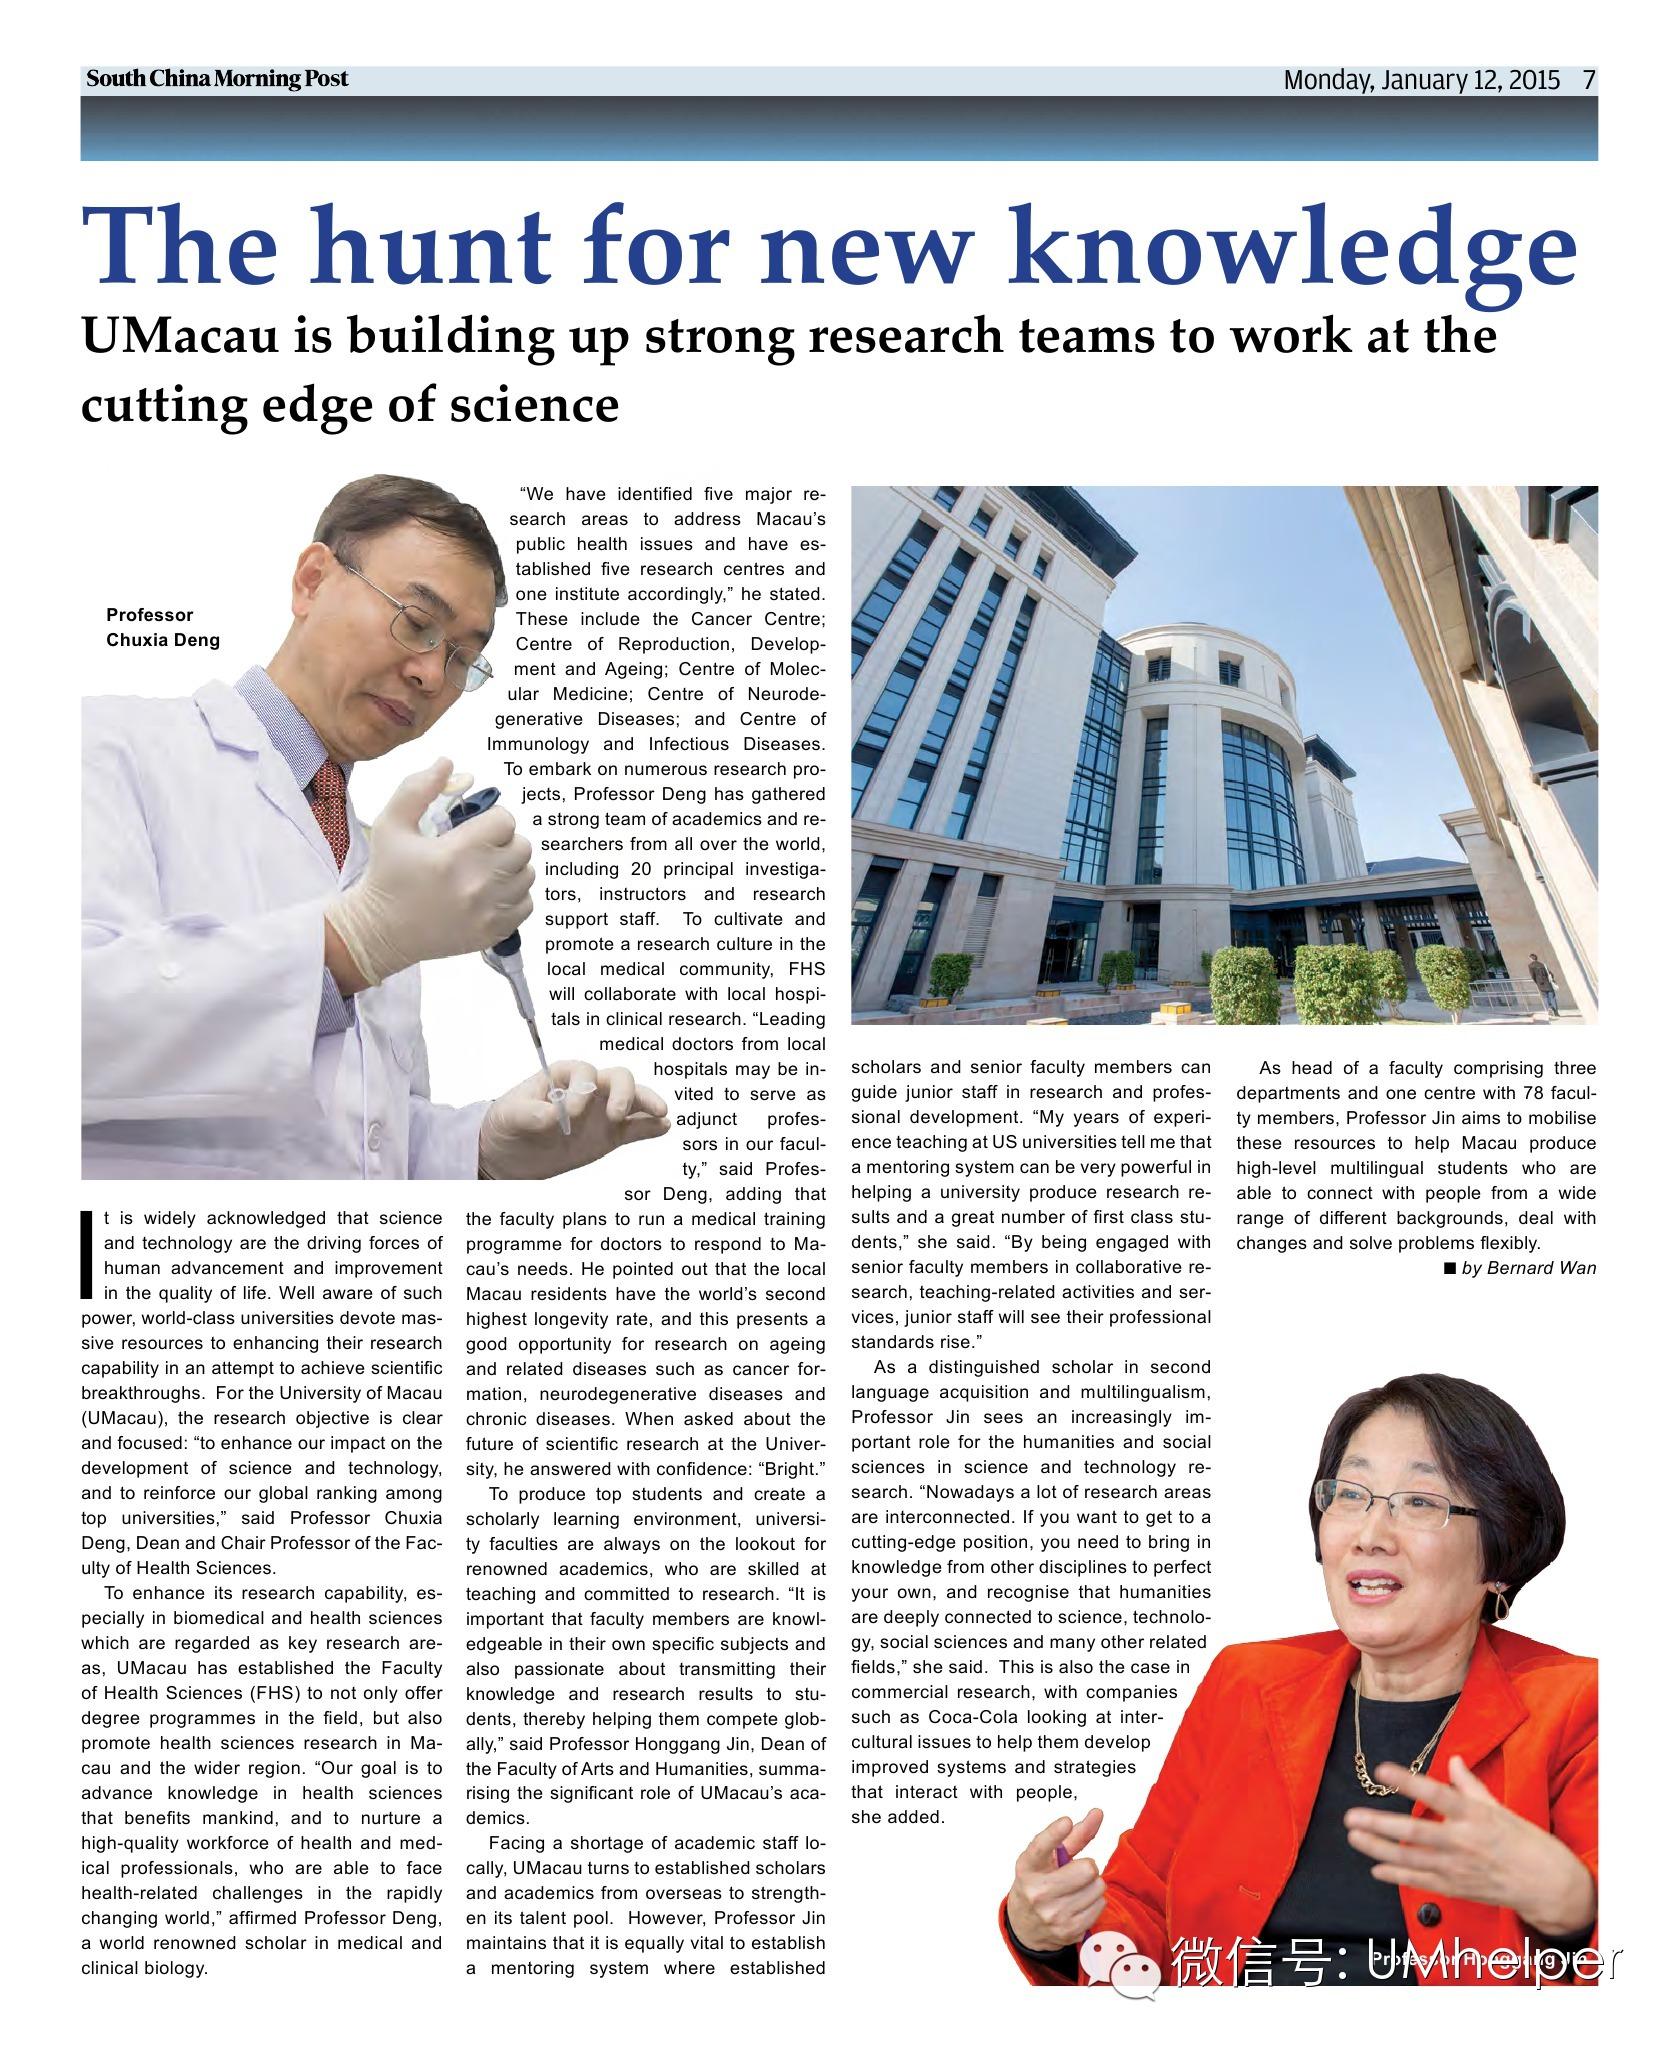 香港《南华早报》报道12页全版专题报道澳门大学